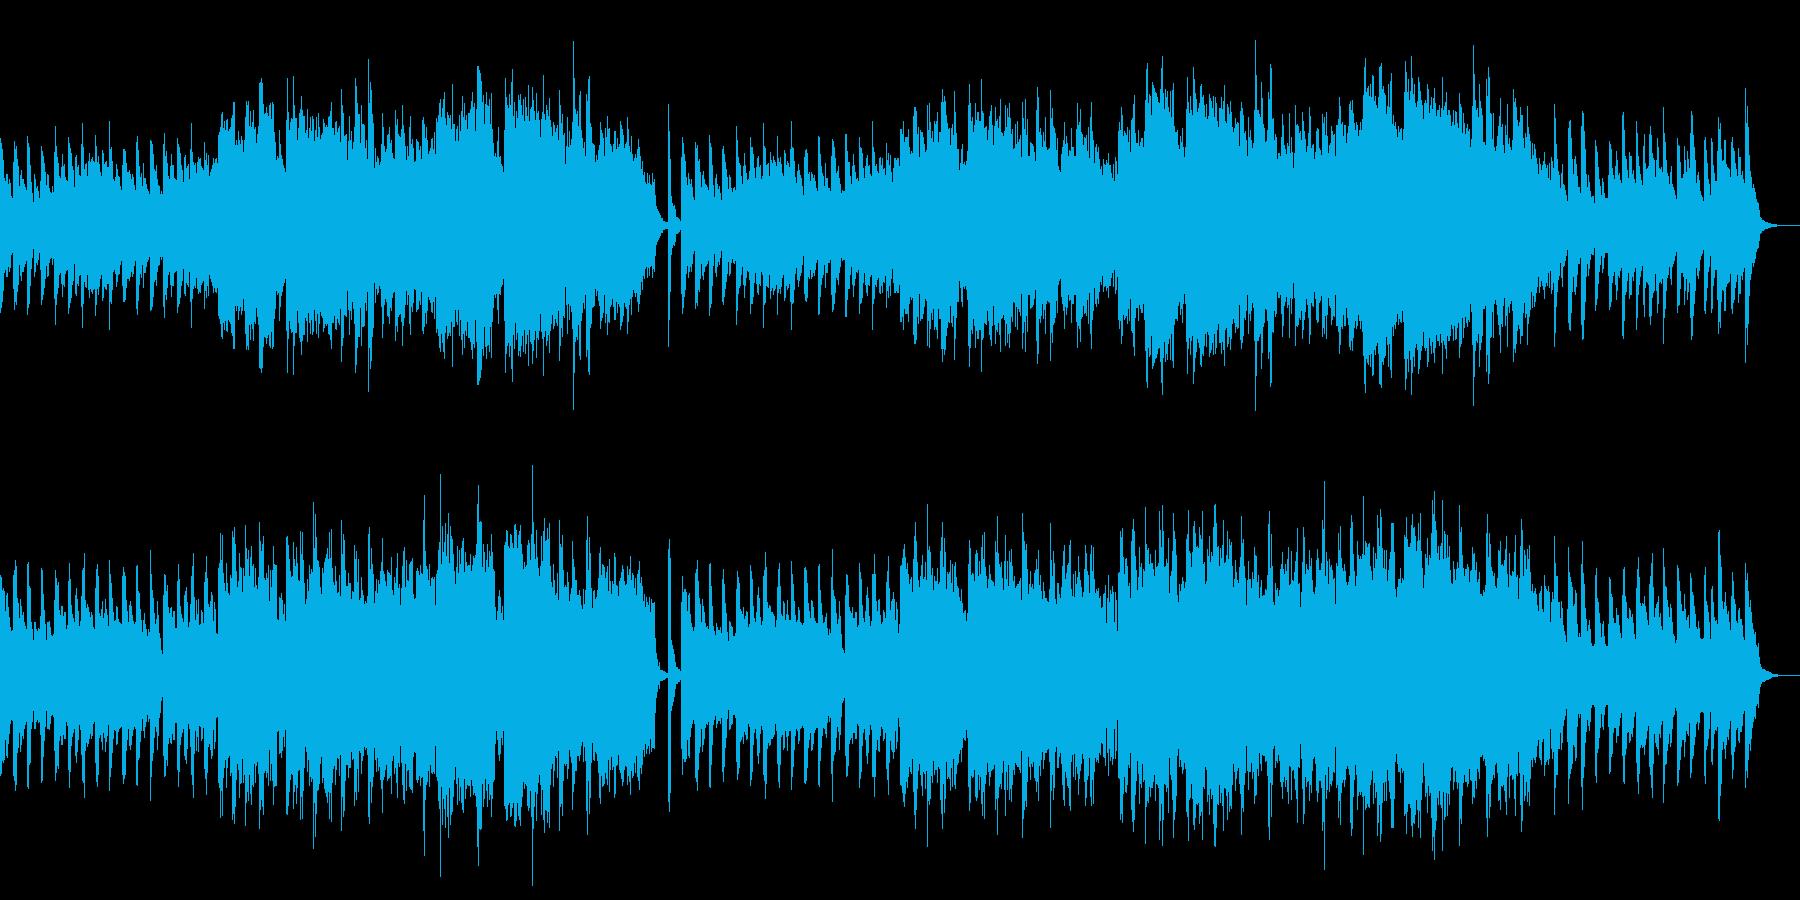 夏の風をイメージしたピアノバラードですの再生済みの波形